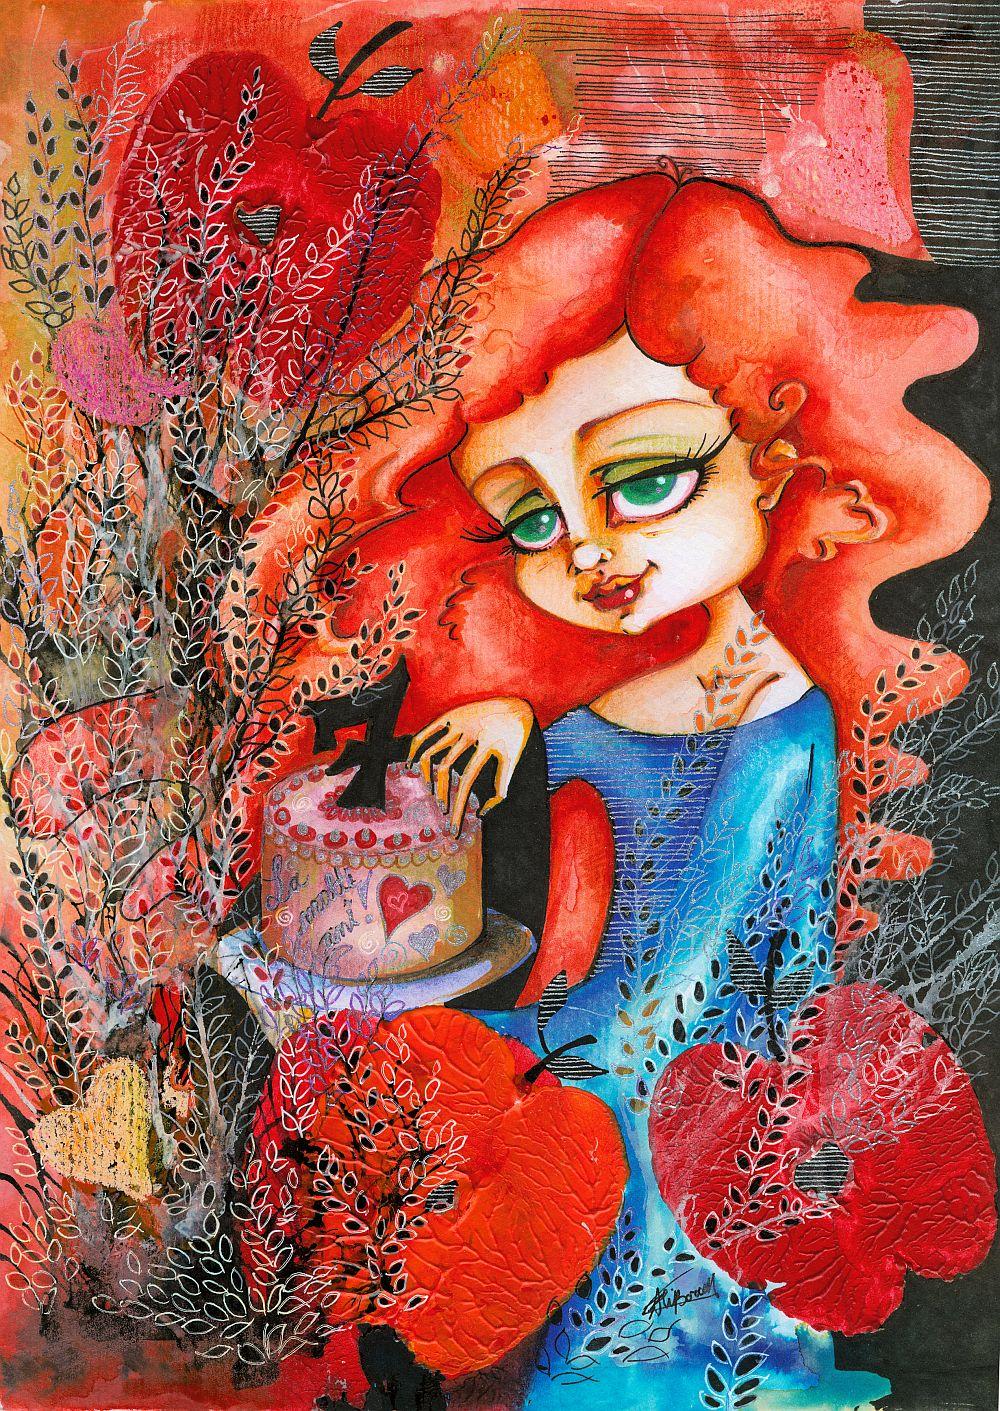 adelaparvu.com despre O povEstetica, expozitie la Pallets, artist Alina Borcea, lucrare 7even